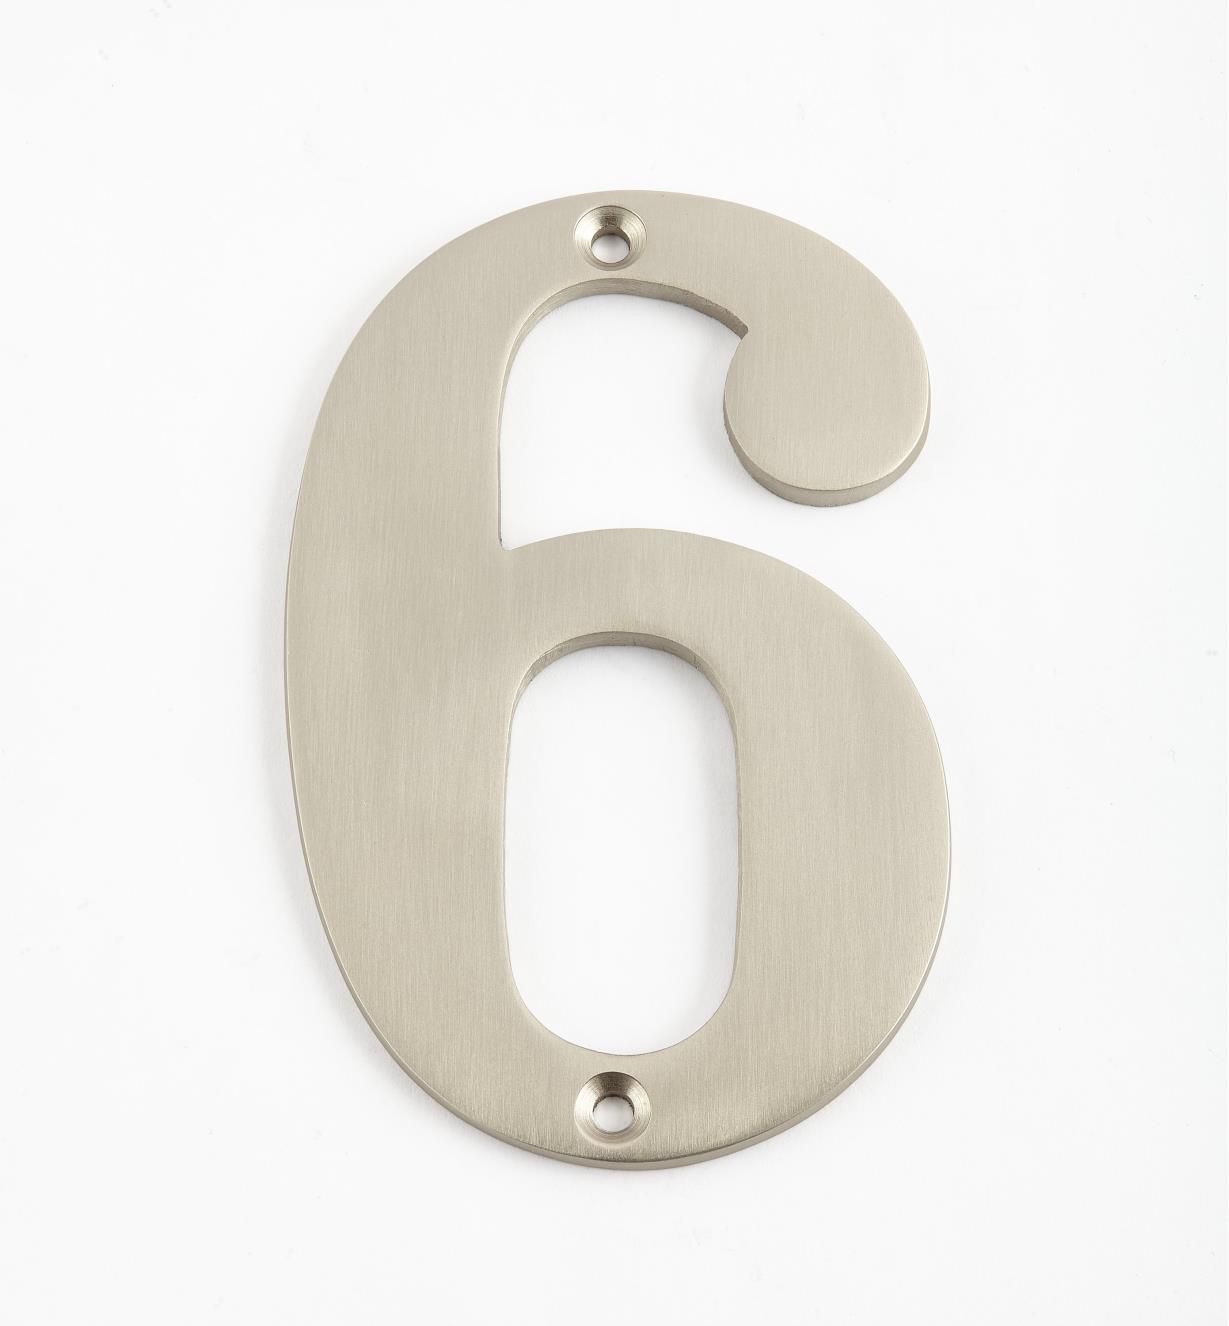 00W0566 - Chiffre de maison standard de 4po, fini nickel satiné –6